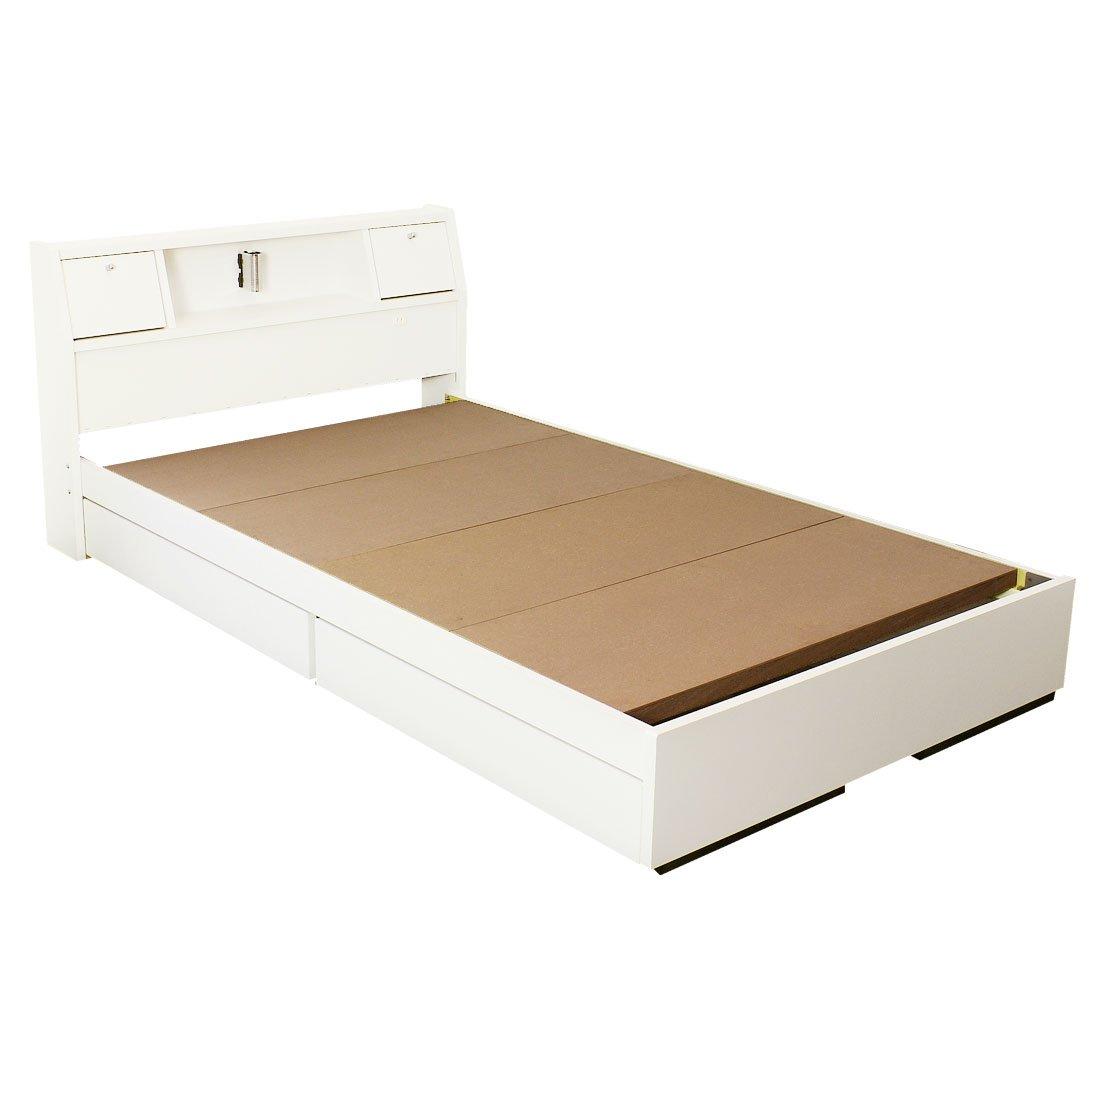 タンスのゲン 日本製 収納ベッド 引き出し コンセント付 フレームのみ 木製 宮棚 シンプル ベッドフレーム ダブル クラシックホワイト 44300003 03 B06XDXX8JW 3、ダブル|クラシックホワイト クラシックホワイト 3、ダブル